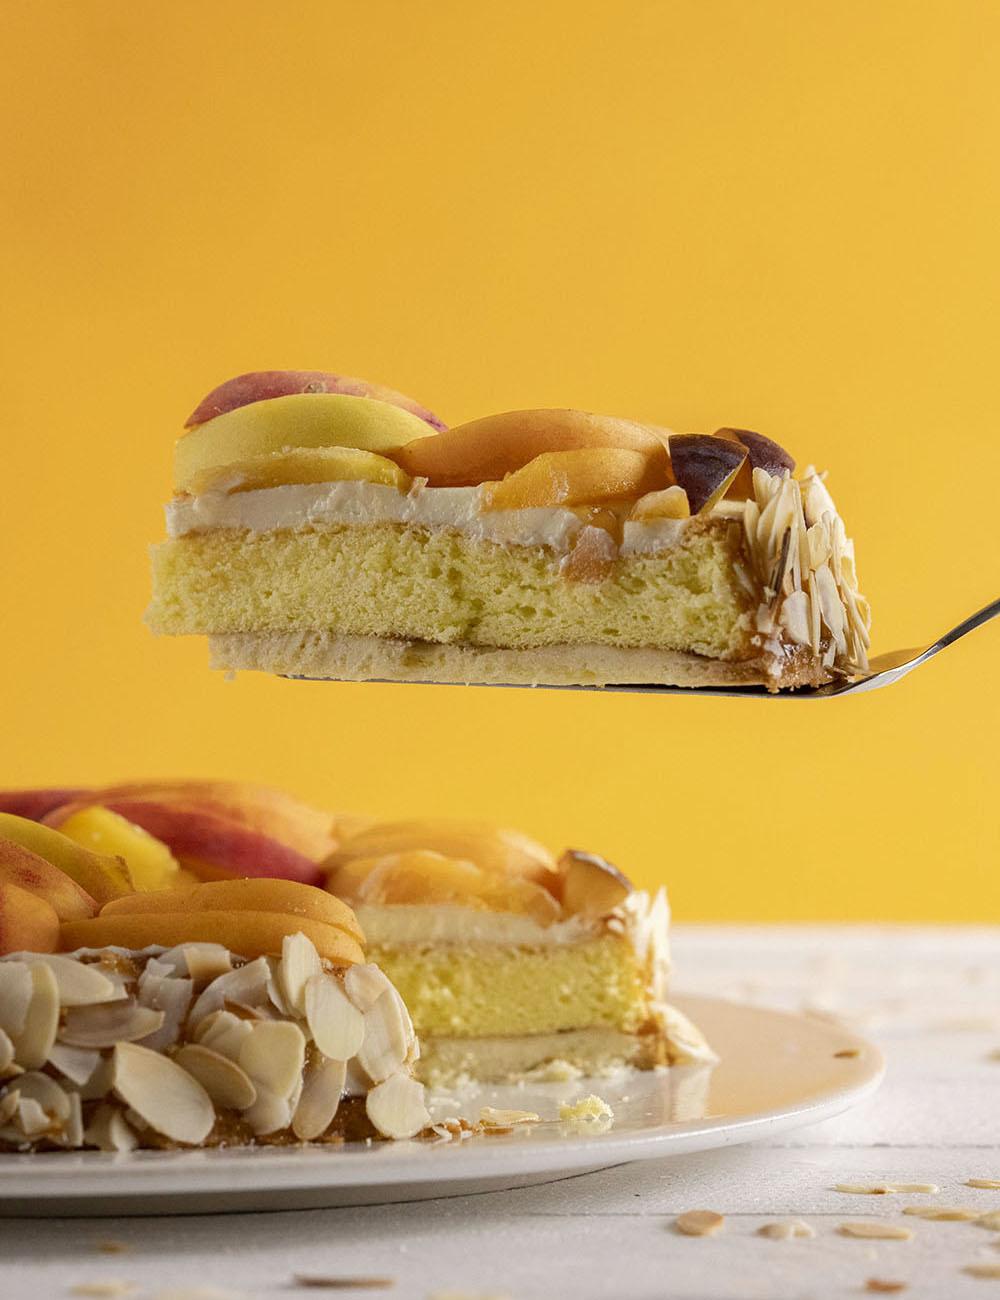 Saftiger Obstkuchen mit frischen Früchten